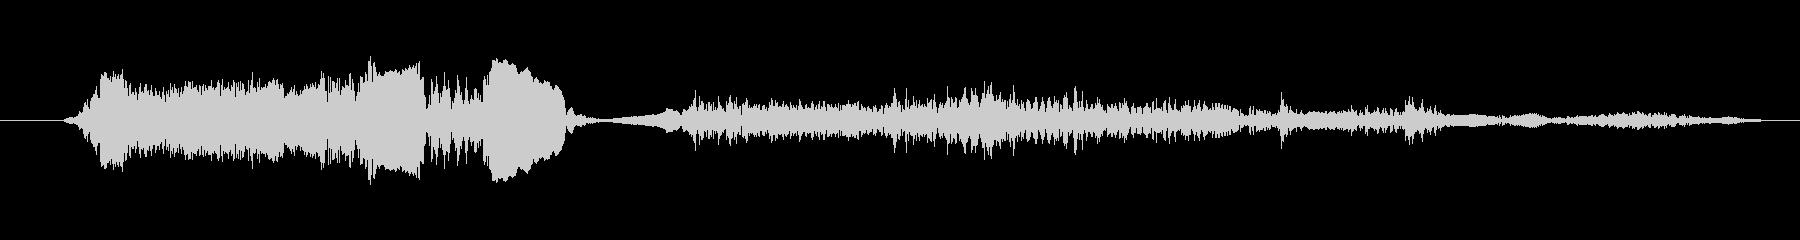 鳴き声 女性のルナティックスクリーム03の未再生の波形